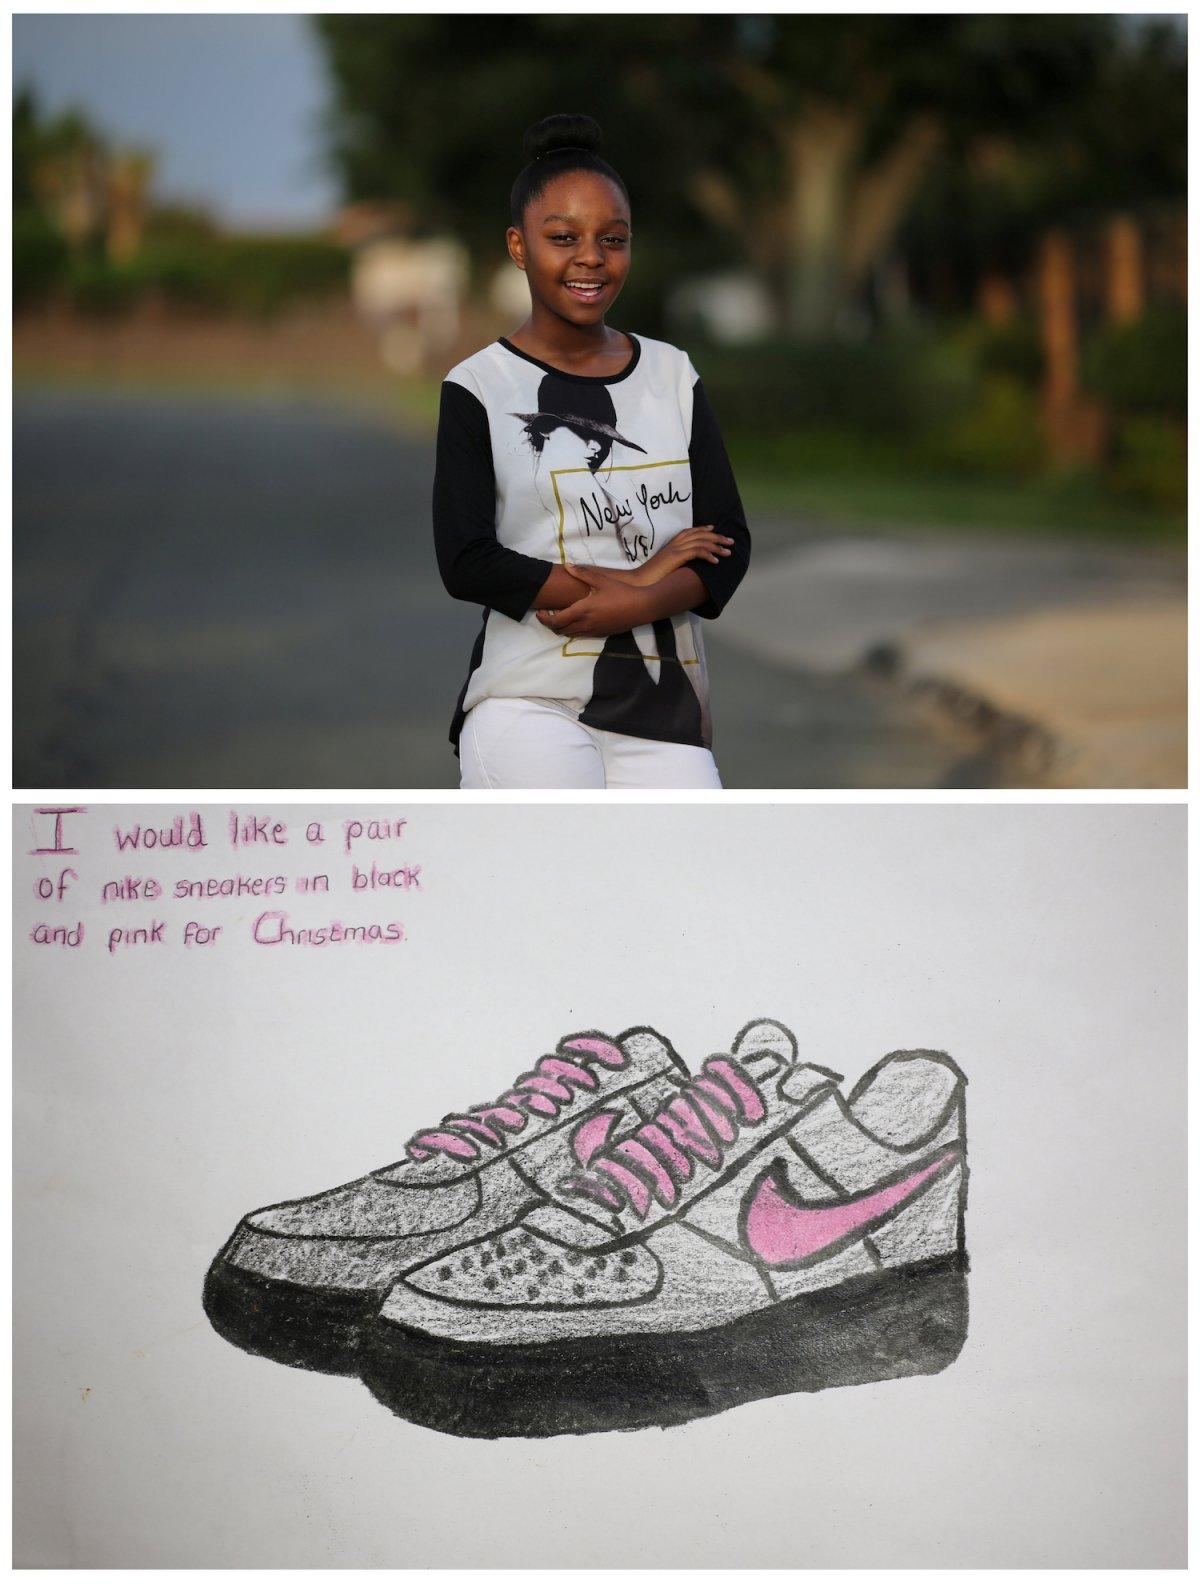 3. 12-летняя Палеса живущая в пригороде Йоханнесбурга в Южной Африке мечтает о кроссовках Nike.